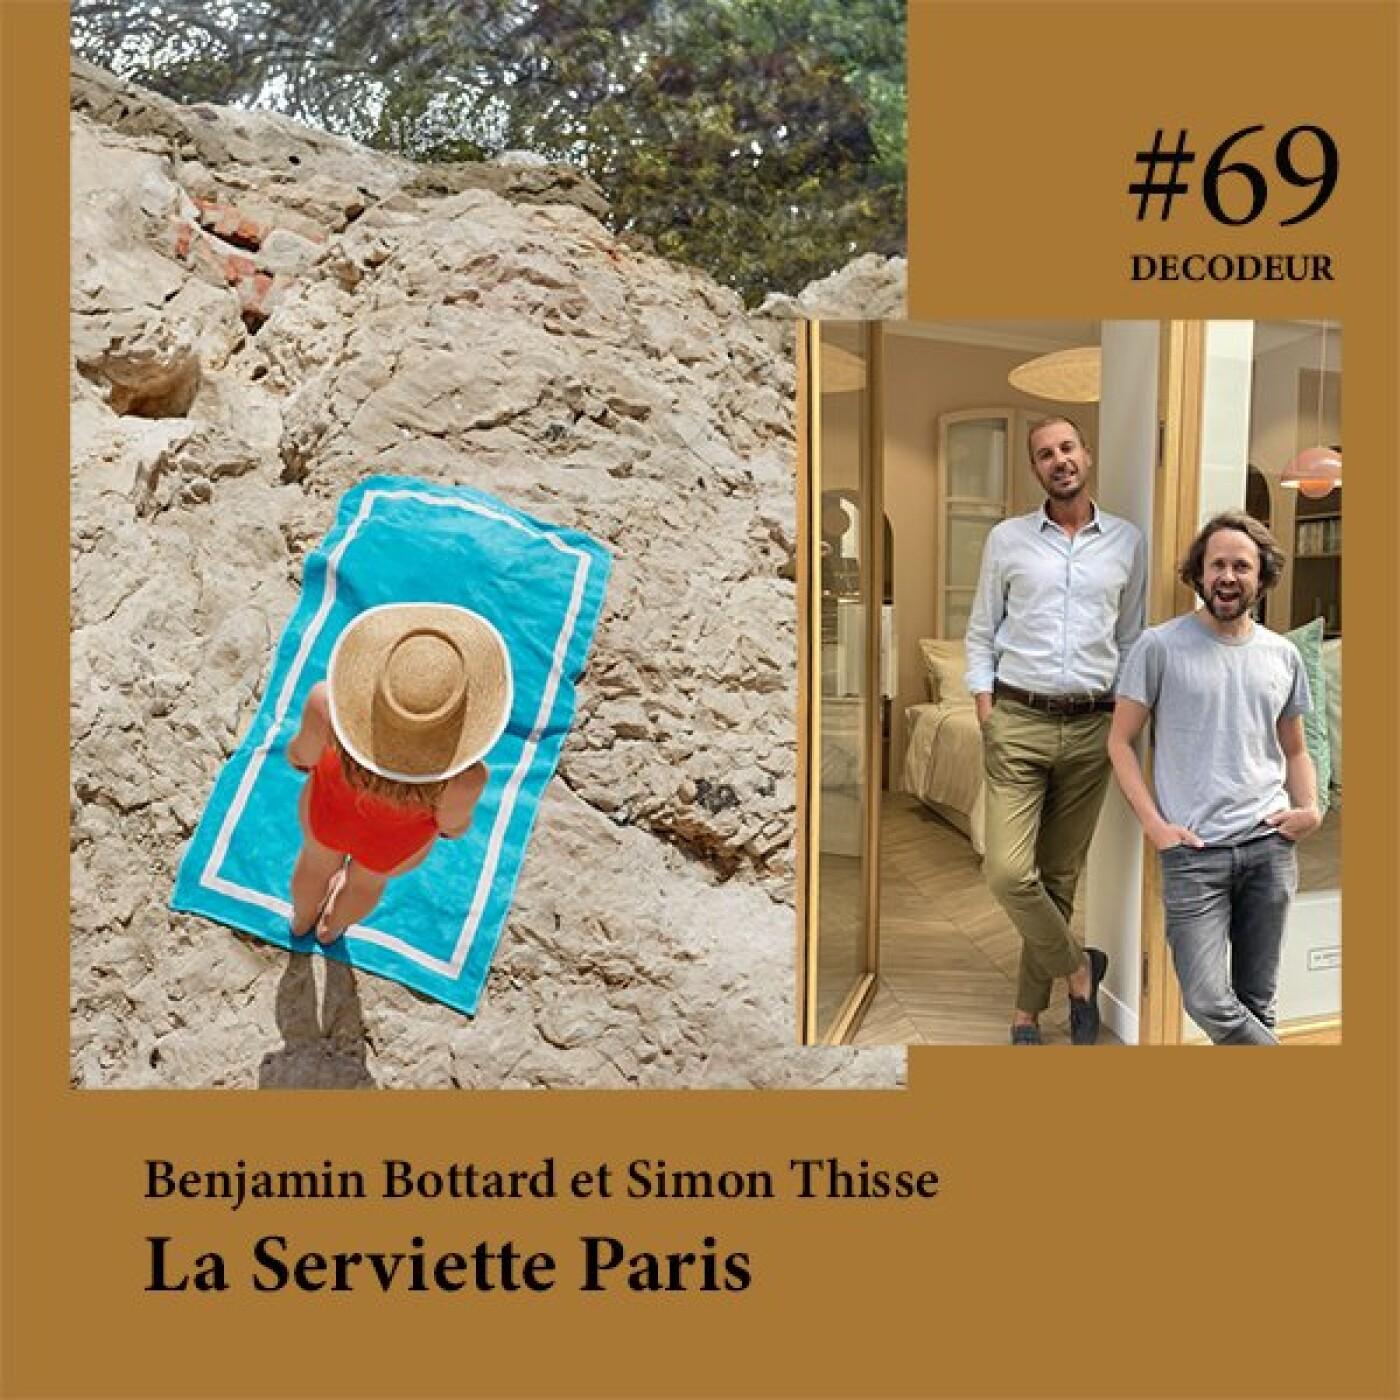 #69 LA SERVIETTE PARIS / Benjamin Bottard et Simon Thisse, les nouveaux codes du linge de maison